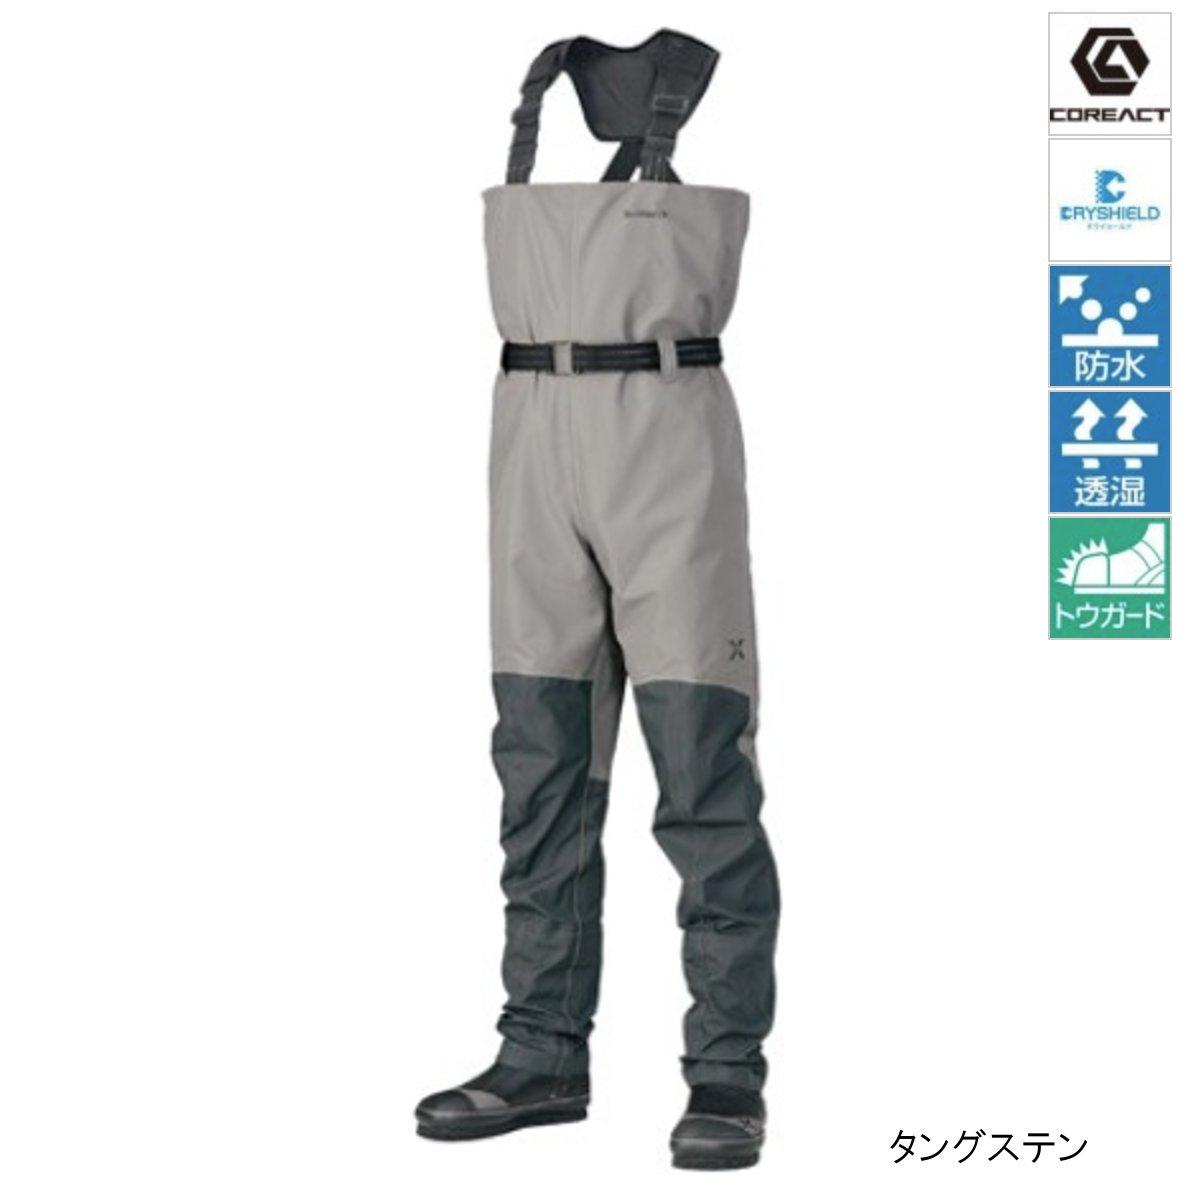 シマノ XEFO アクトゲーム ウェーダー WA-228R M タングステン【送料無料】